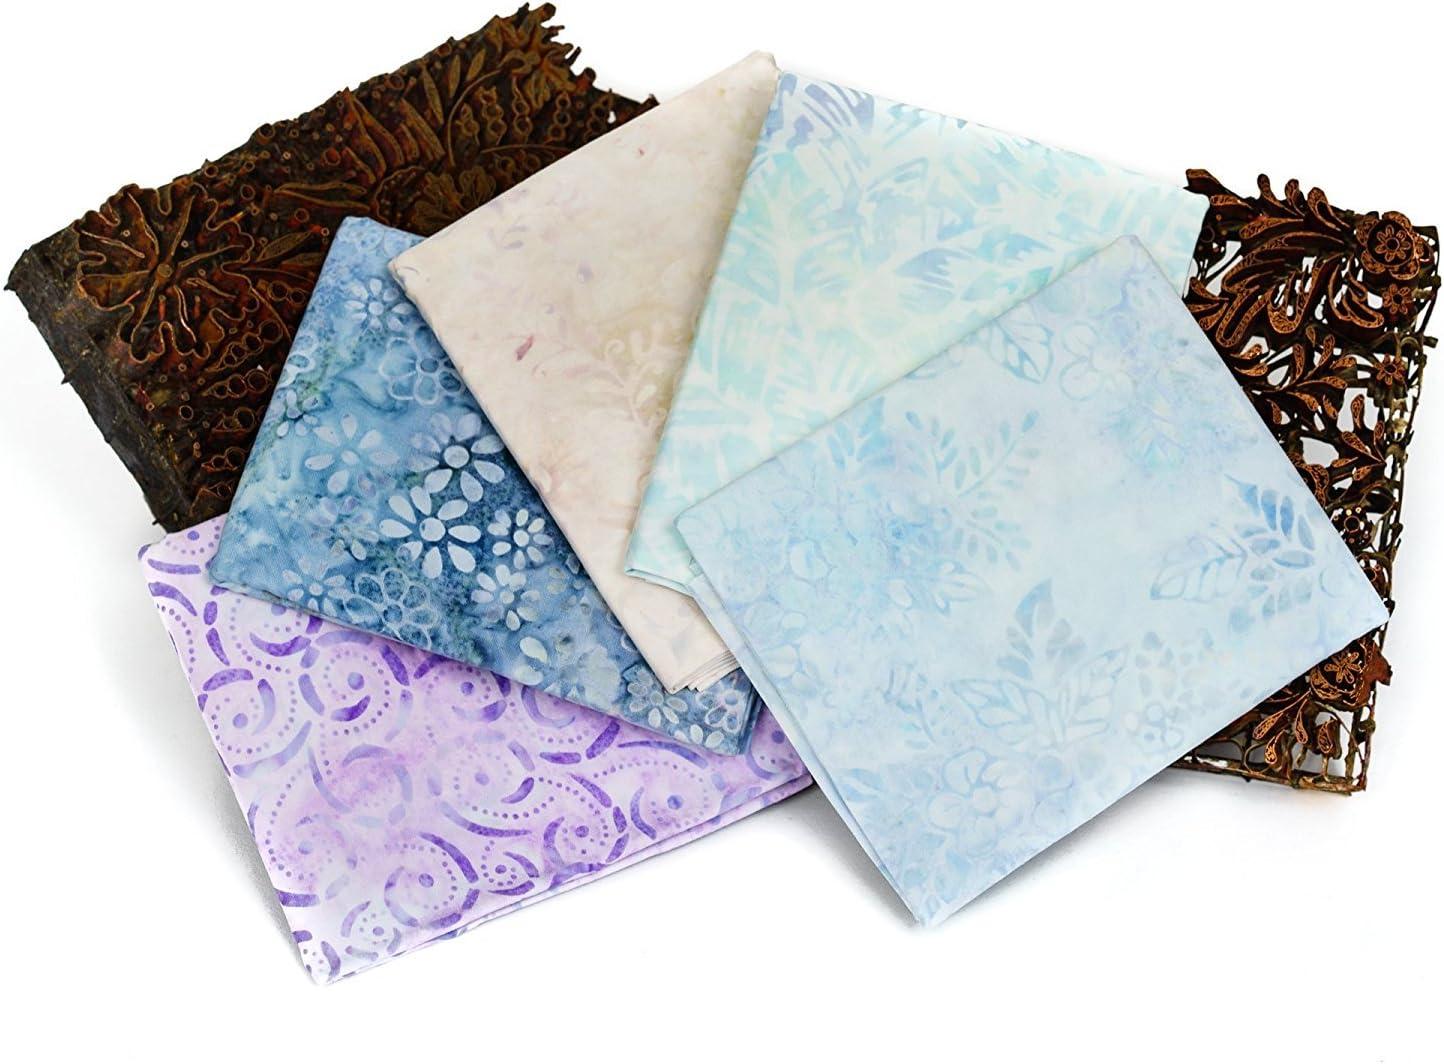 Bali Batiks Premium Batik Half Yard Cuts Pack of 5 2.5 Yards Total